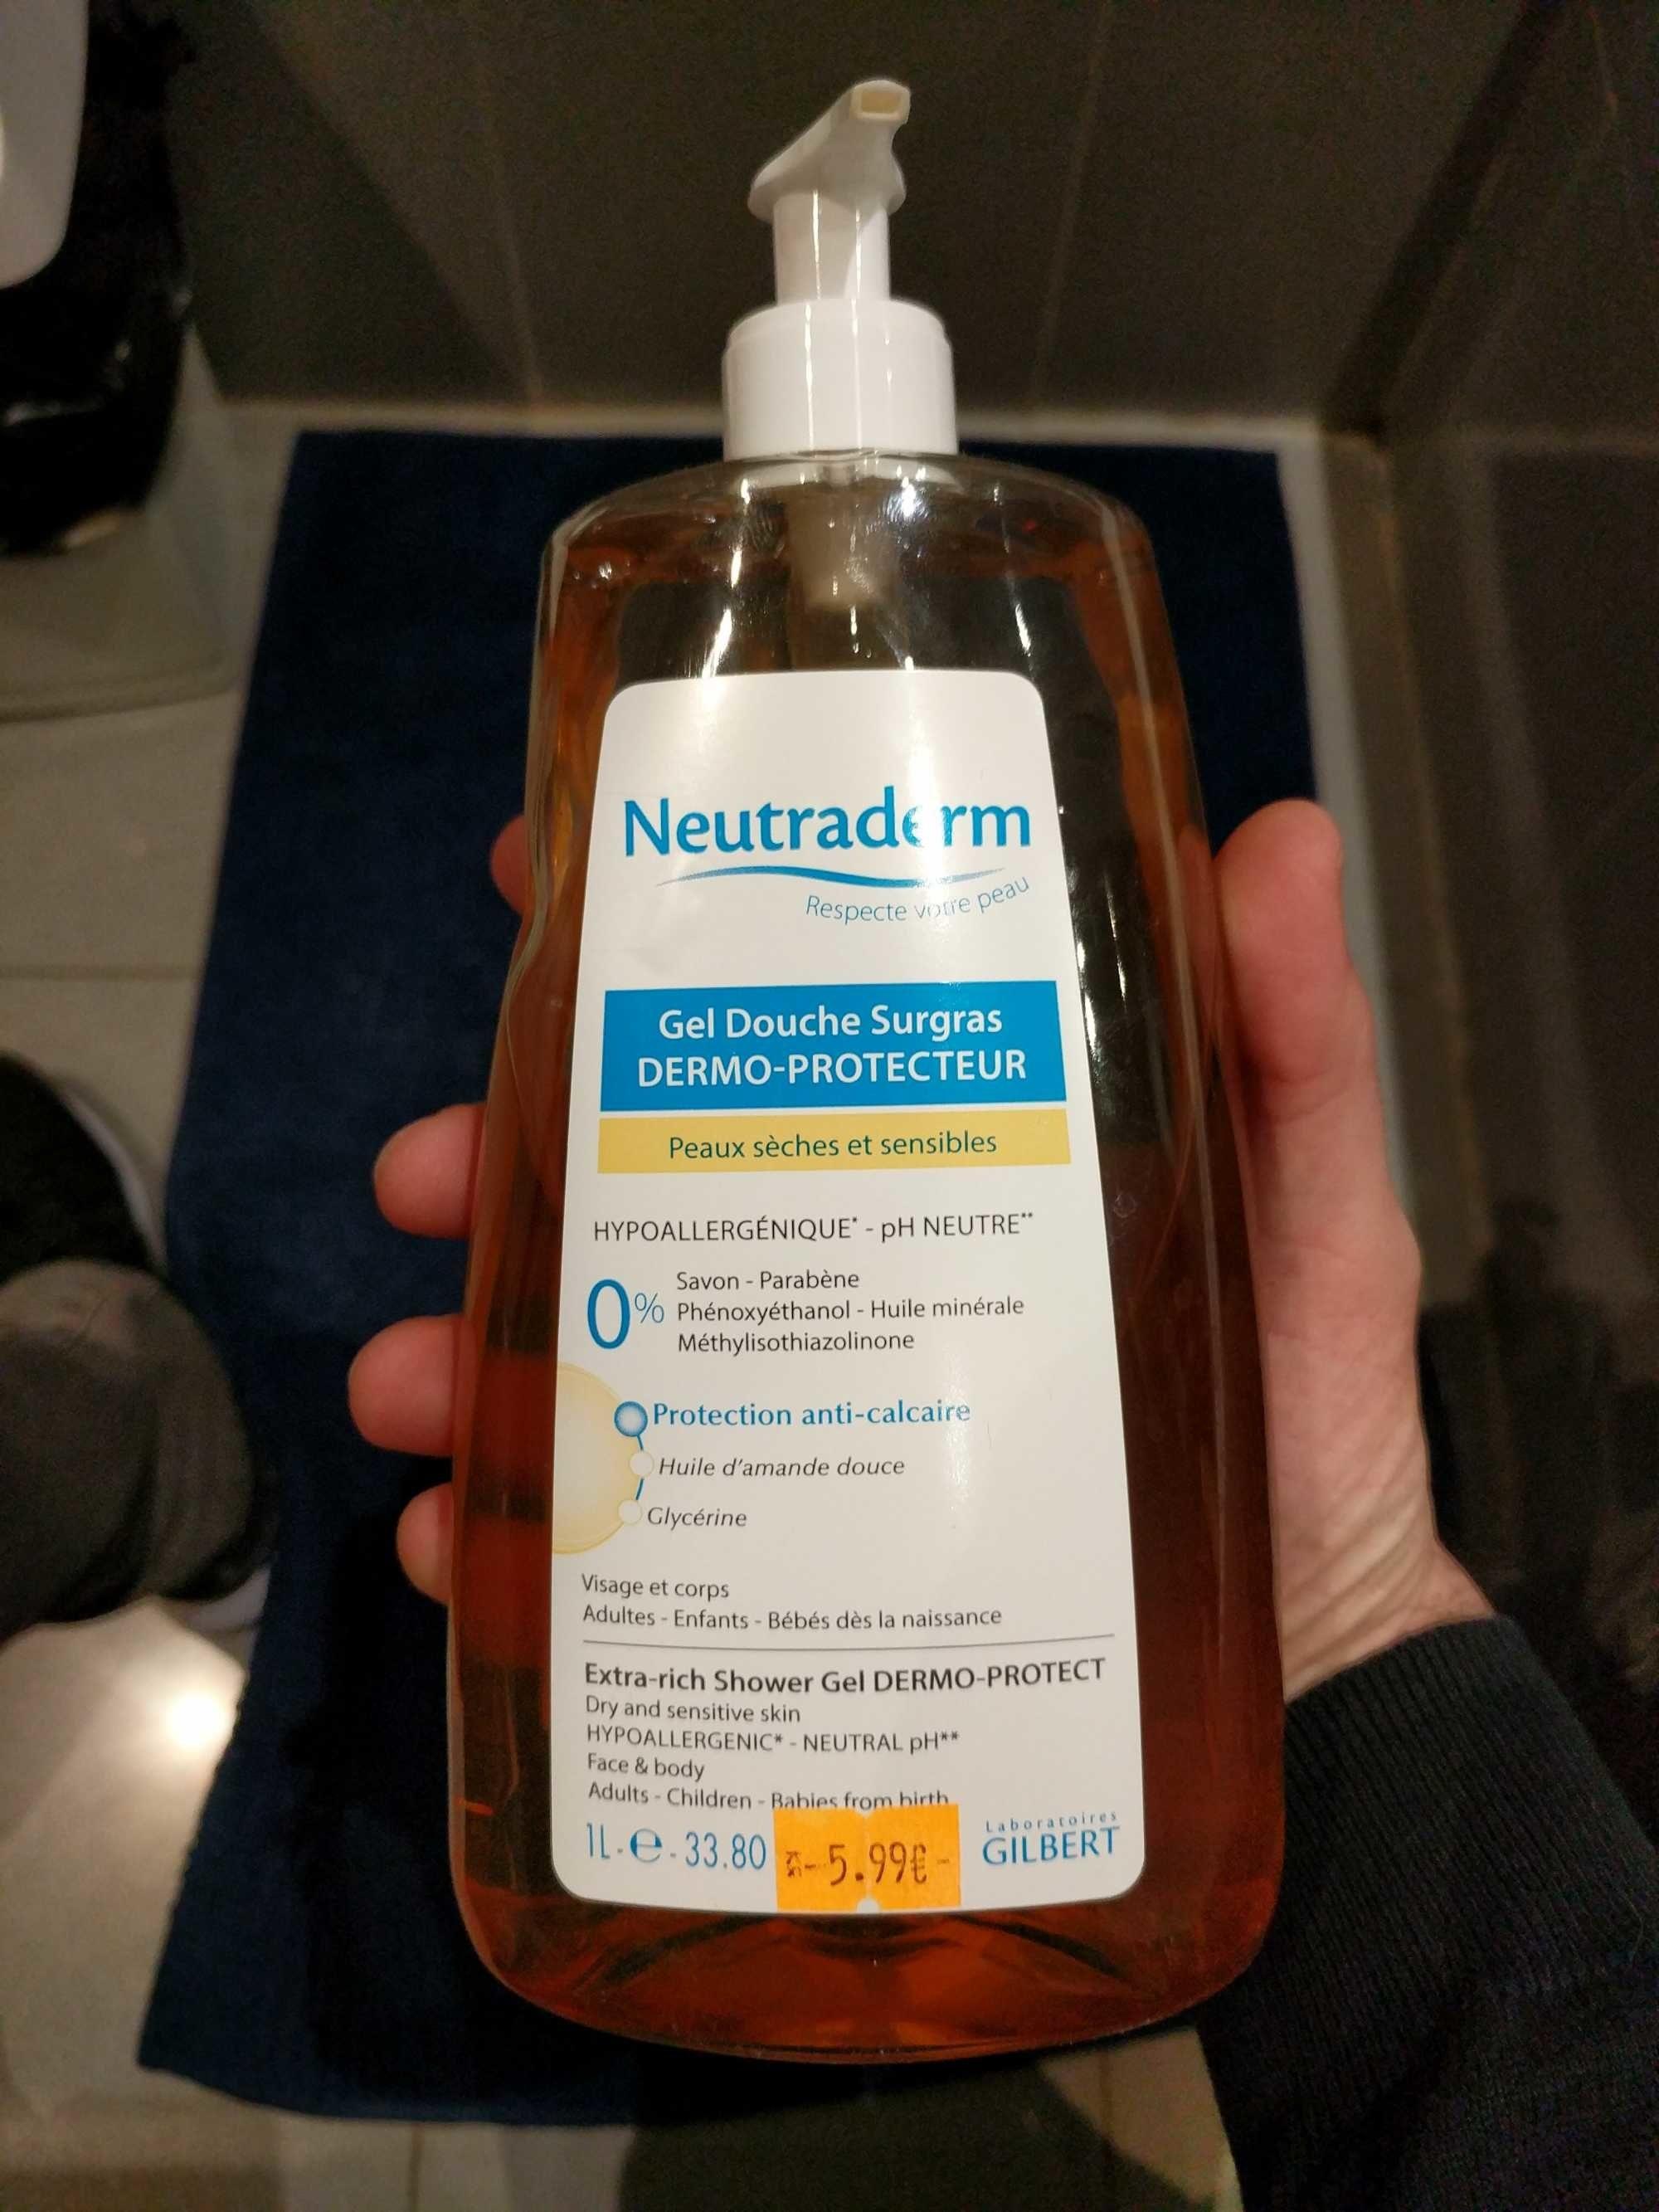 Neutraderm Gel Douche Surgras Dermo-protecteur. FL - Product